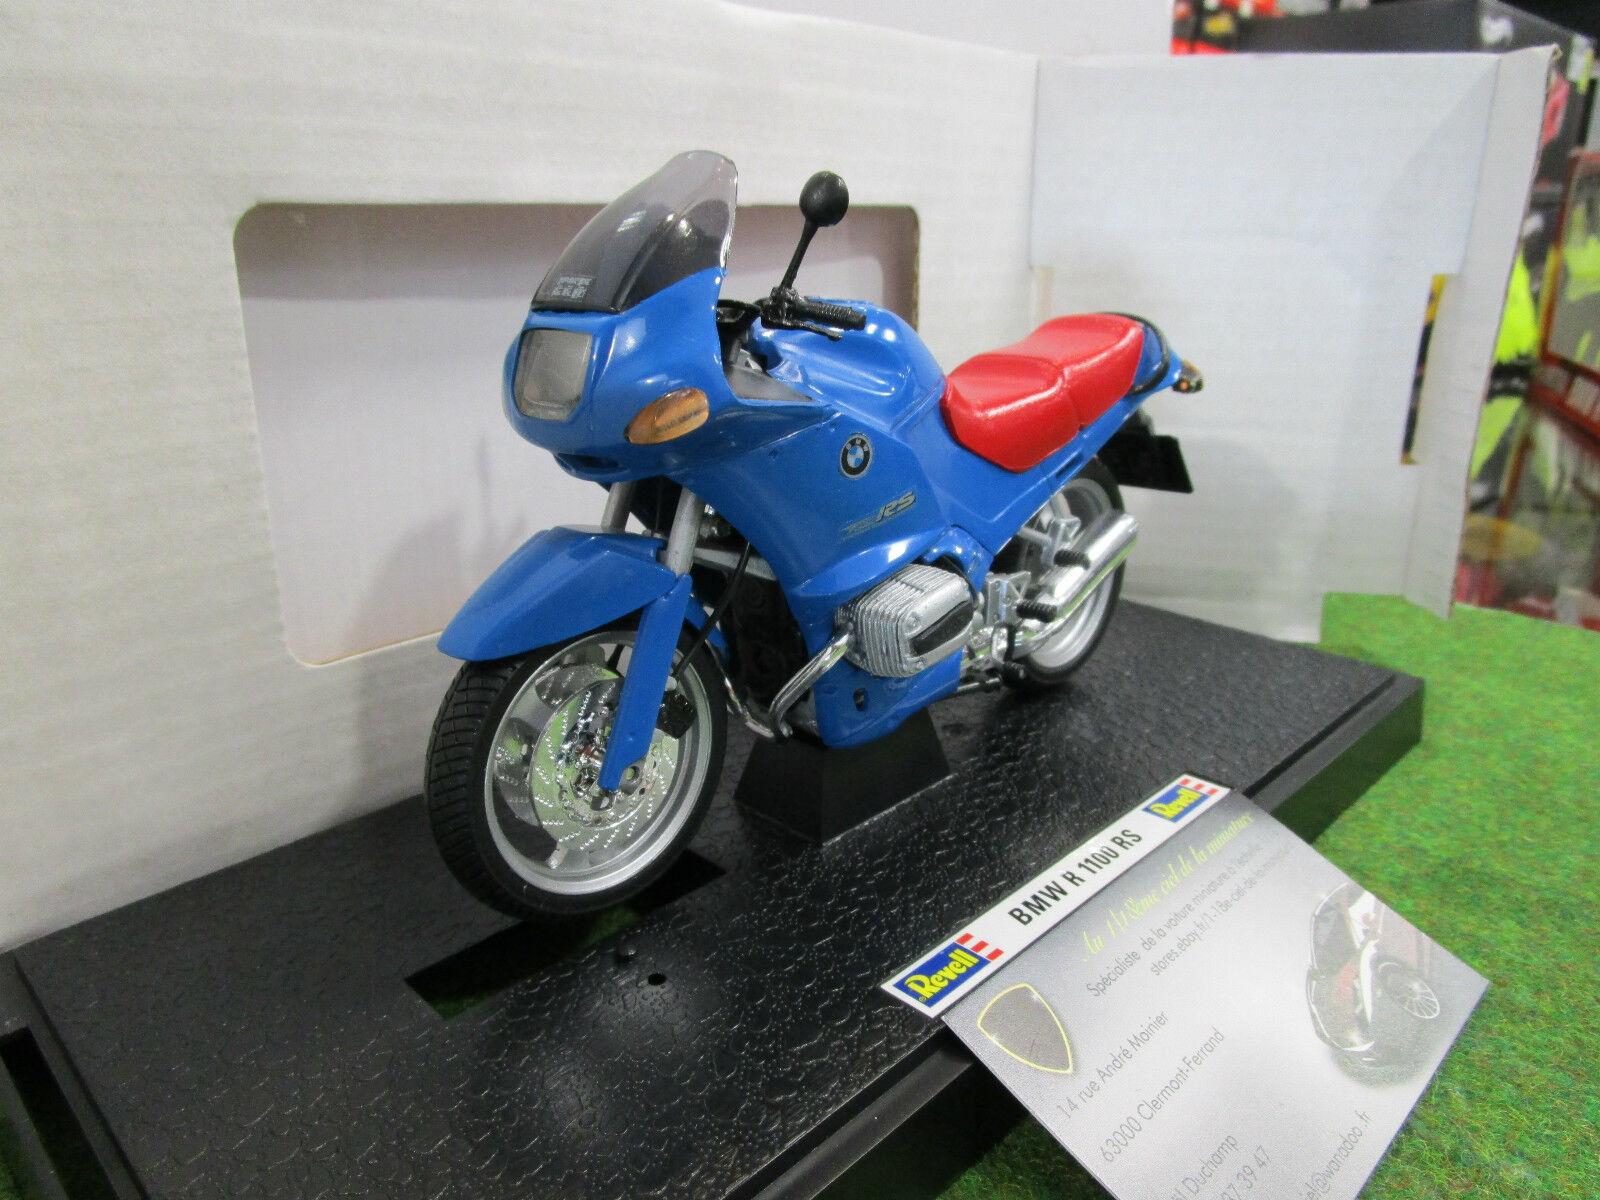 MOTO BMW R 1100 RS bleu au 1  12 REVELL 08879 moto miniature  votre satisfaction est notre cible